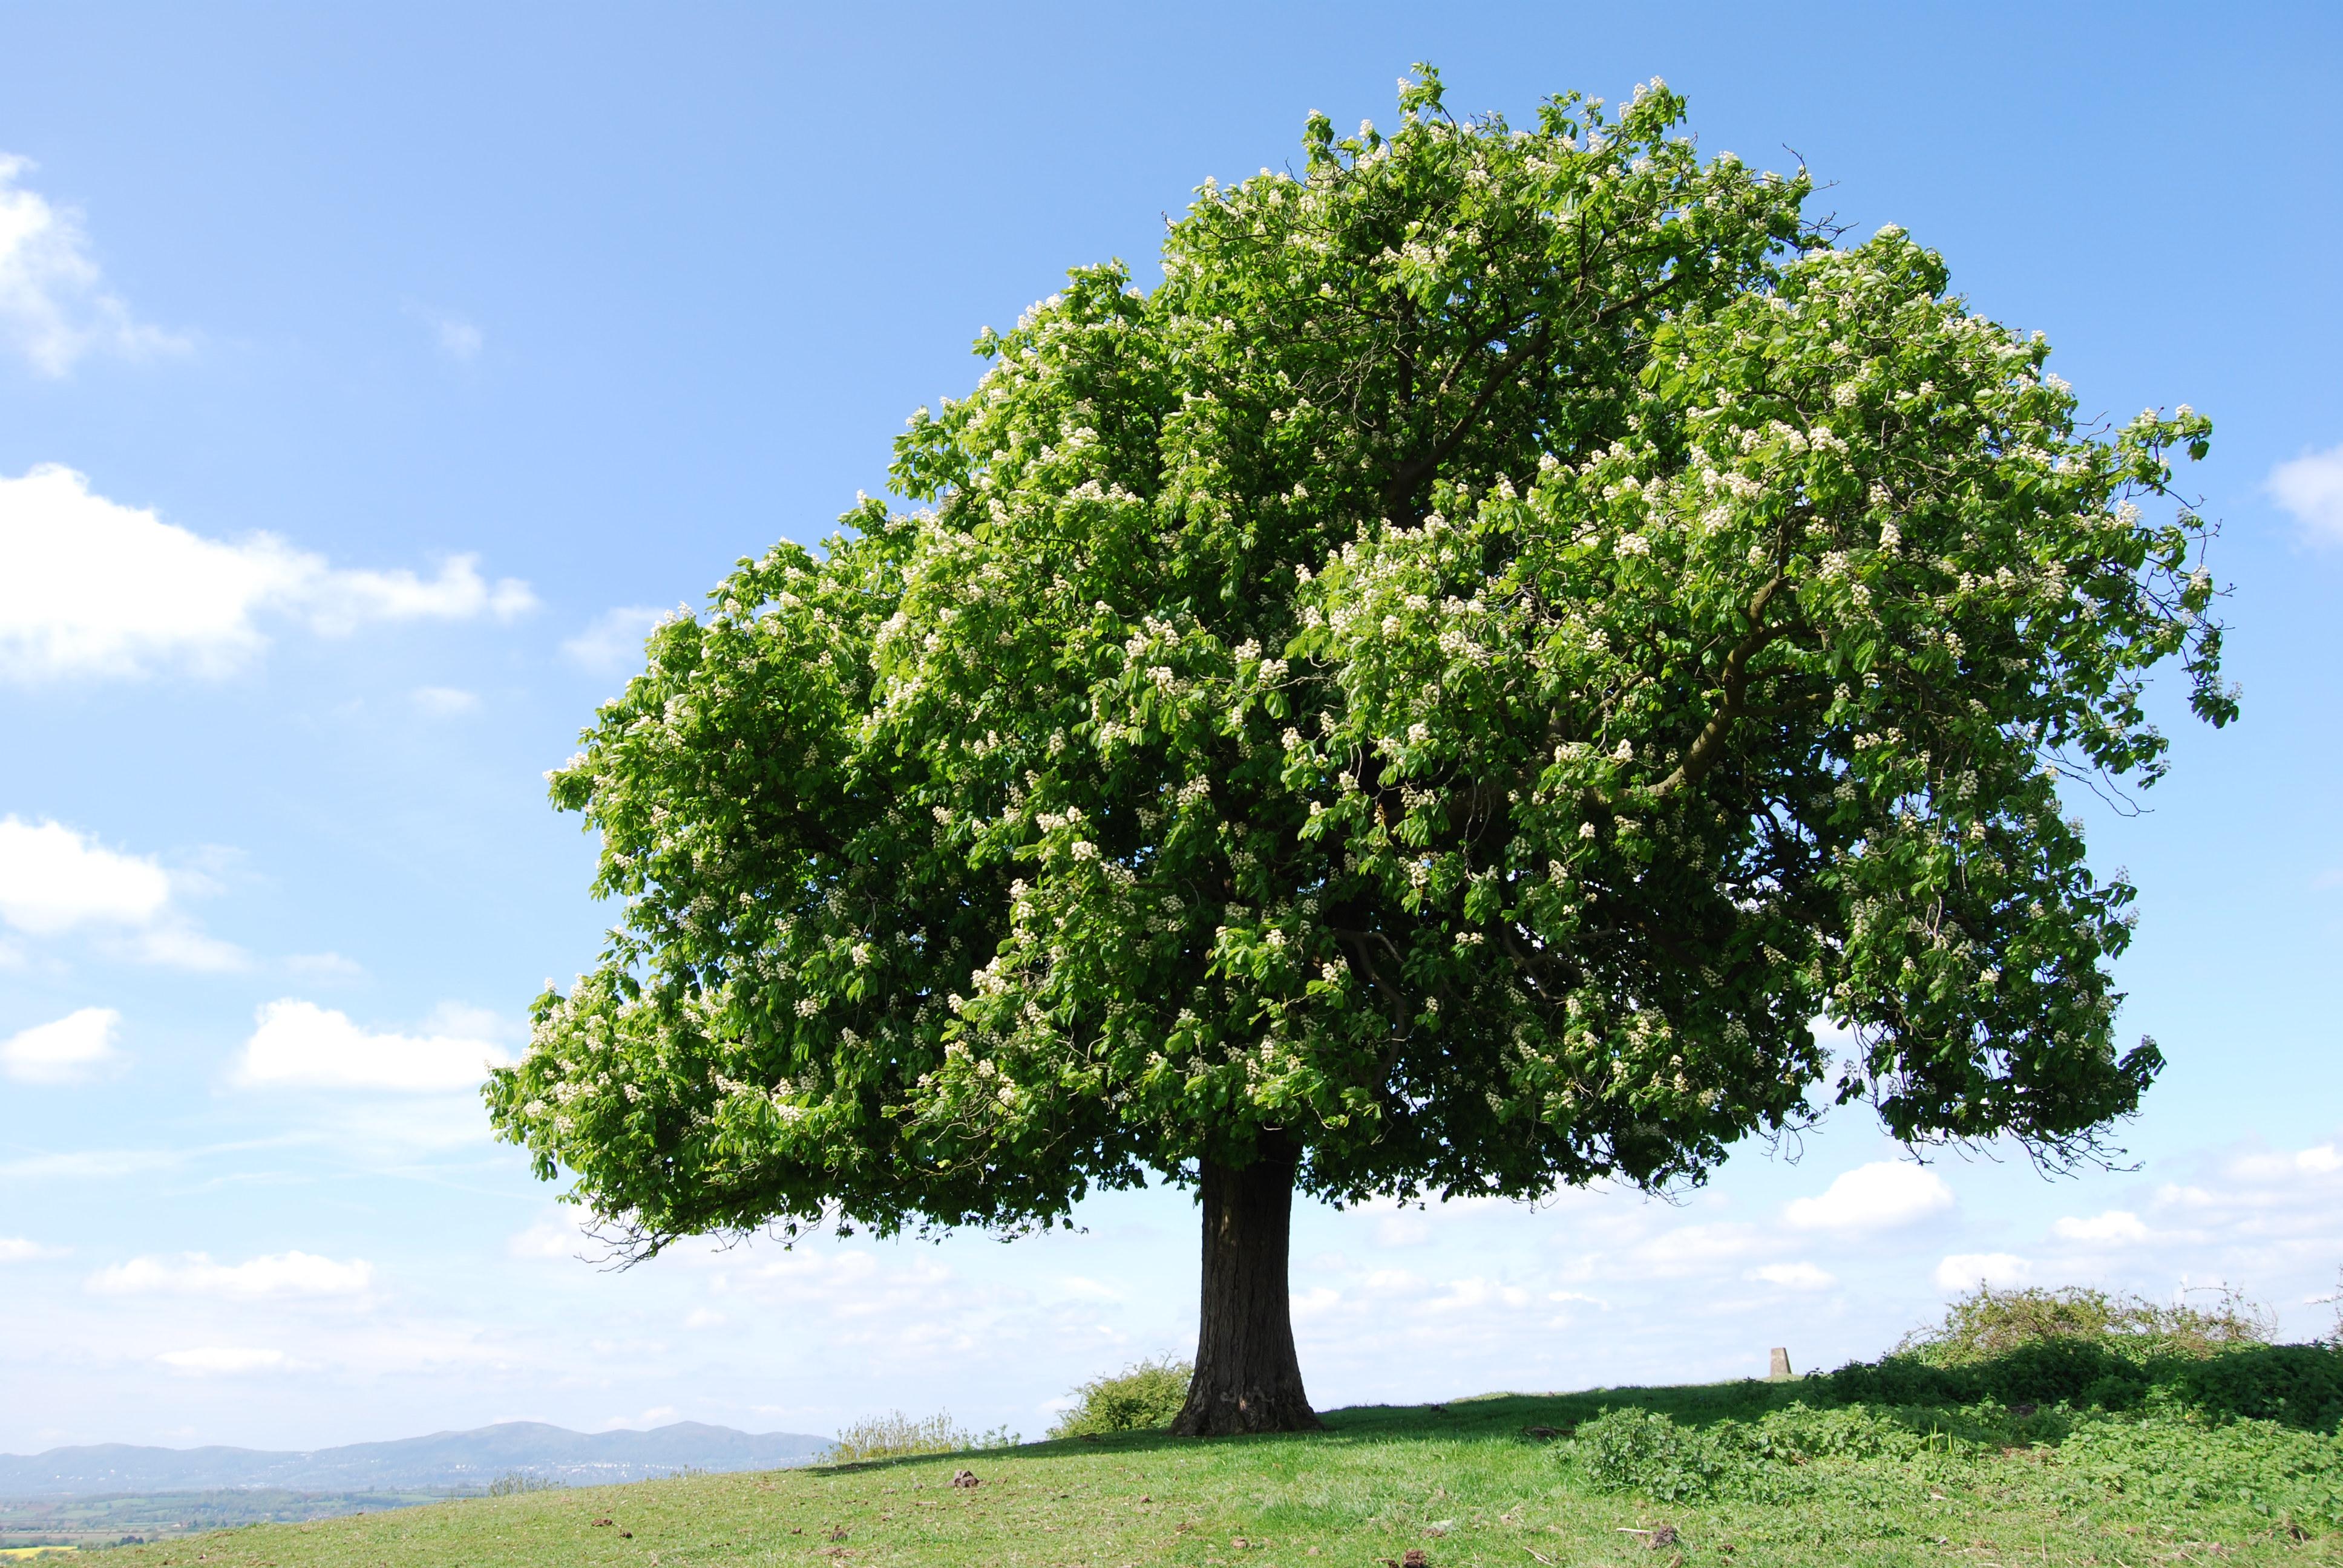 Een kastanje-boom van een afstand gezien